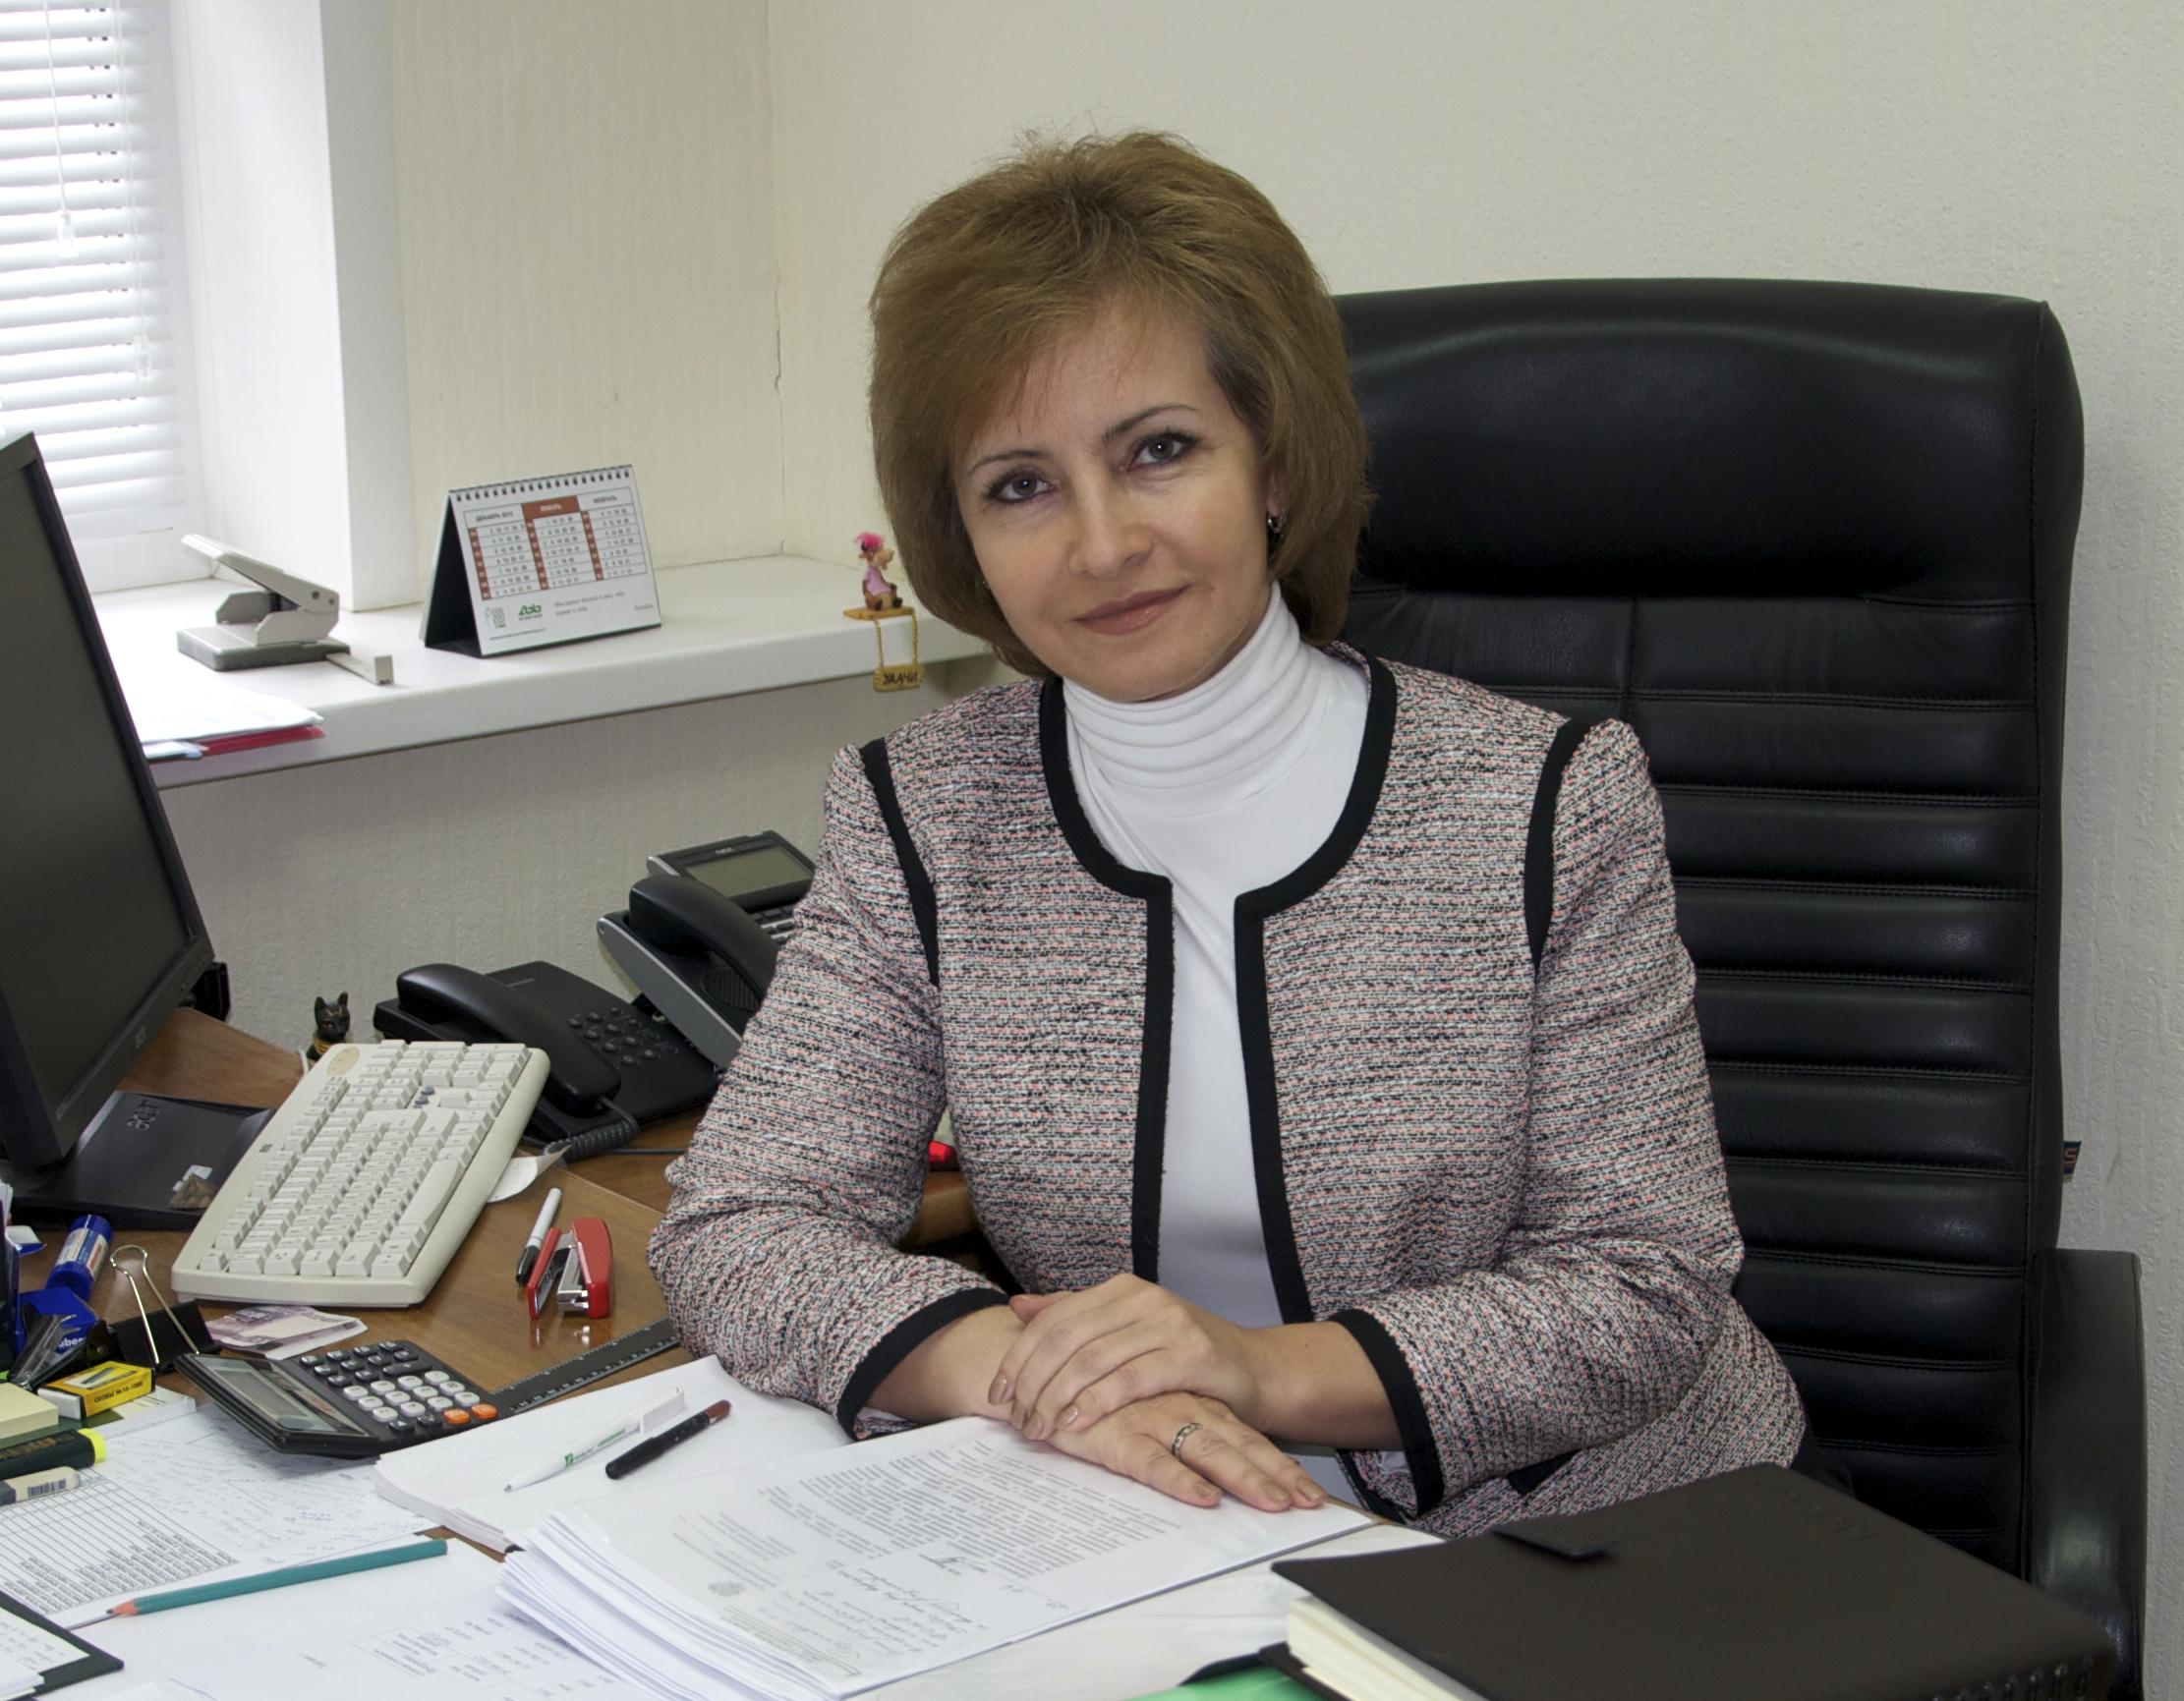 Бухгалтера главного жкх заместитель сервис резюме бухгалтер экономист